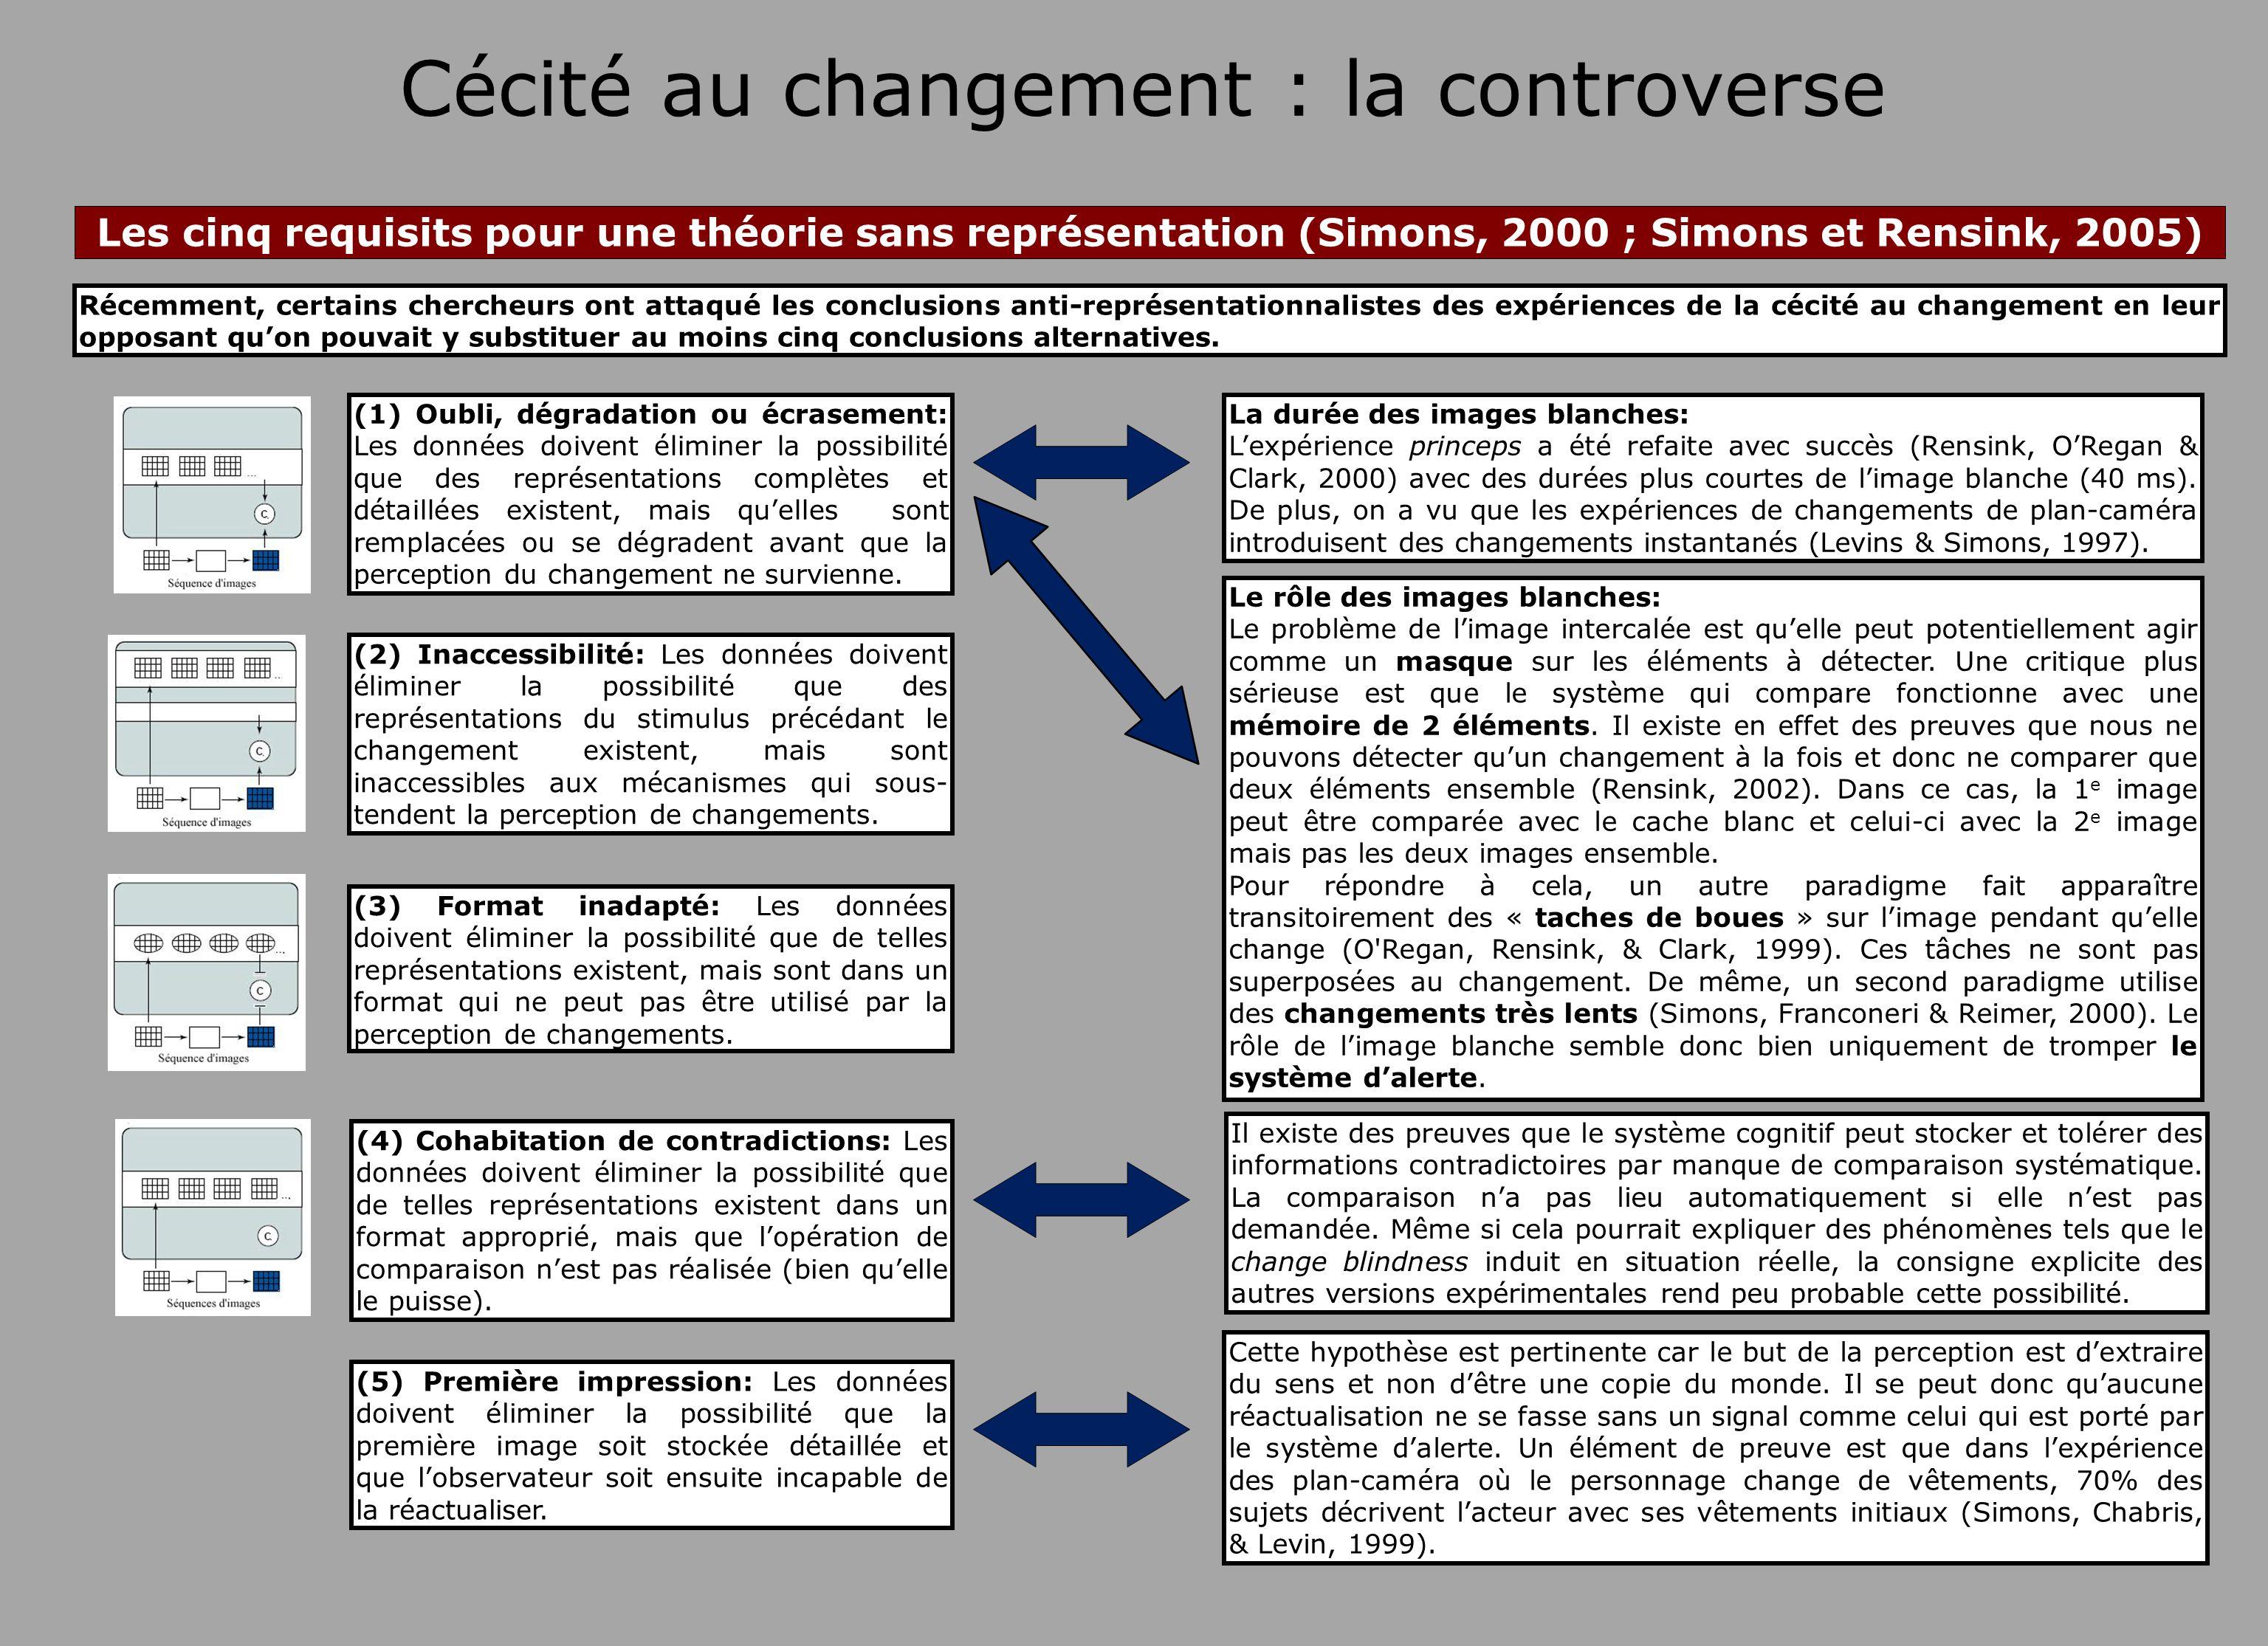 Cécité au changement : la controverse